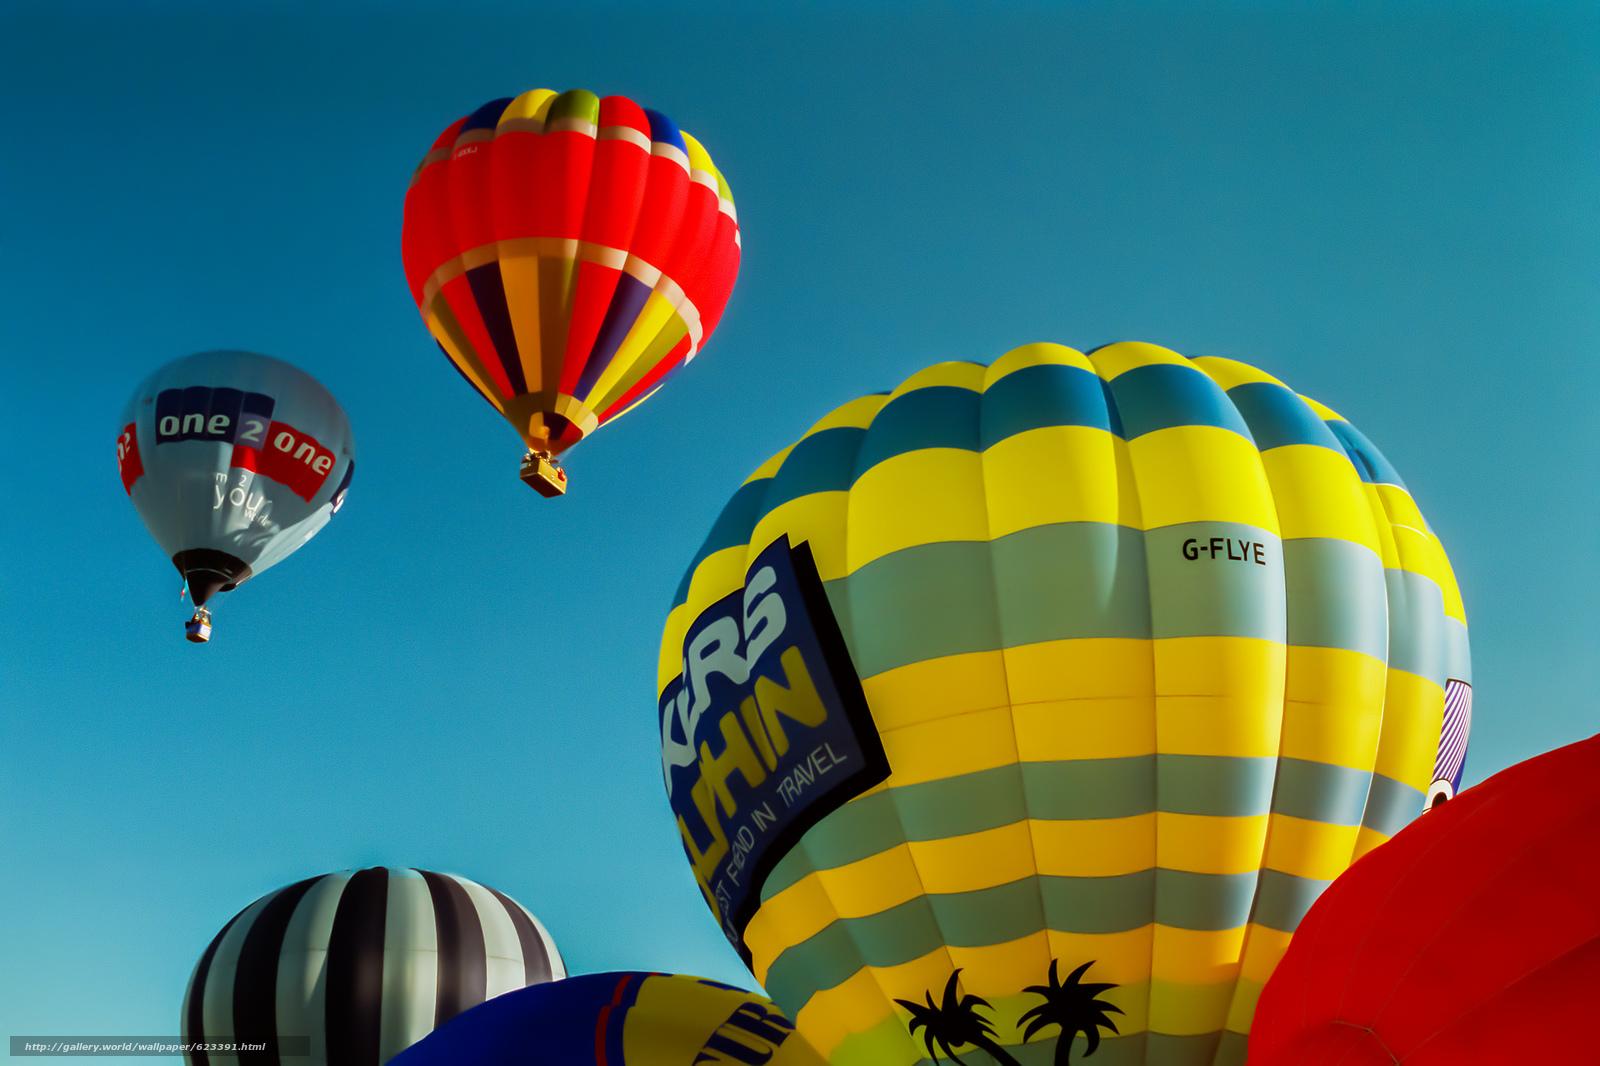 Balloons, sky, flight